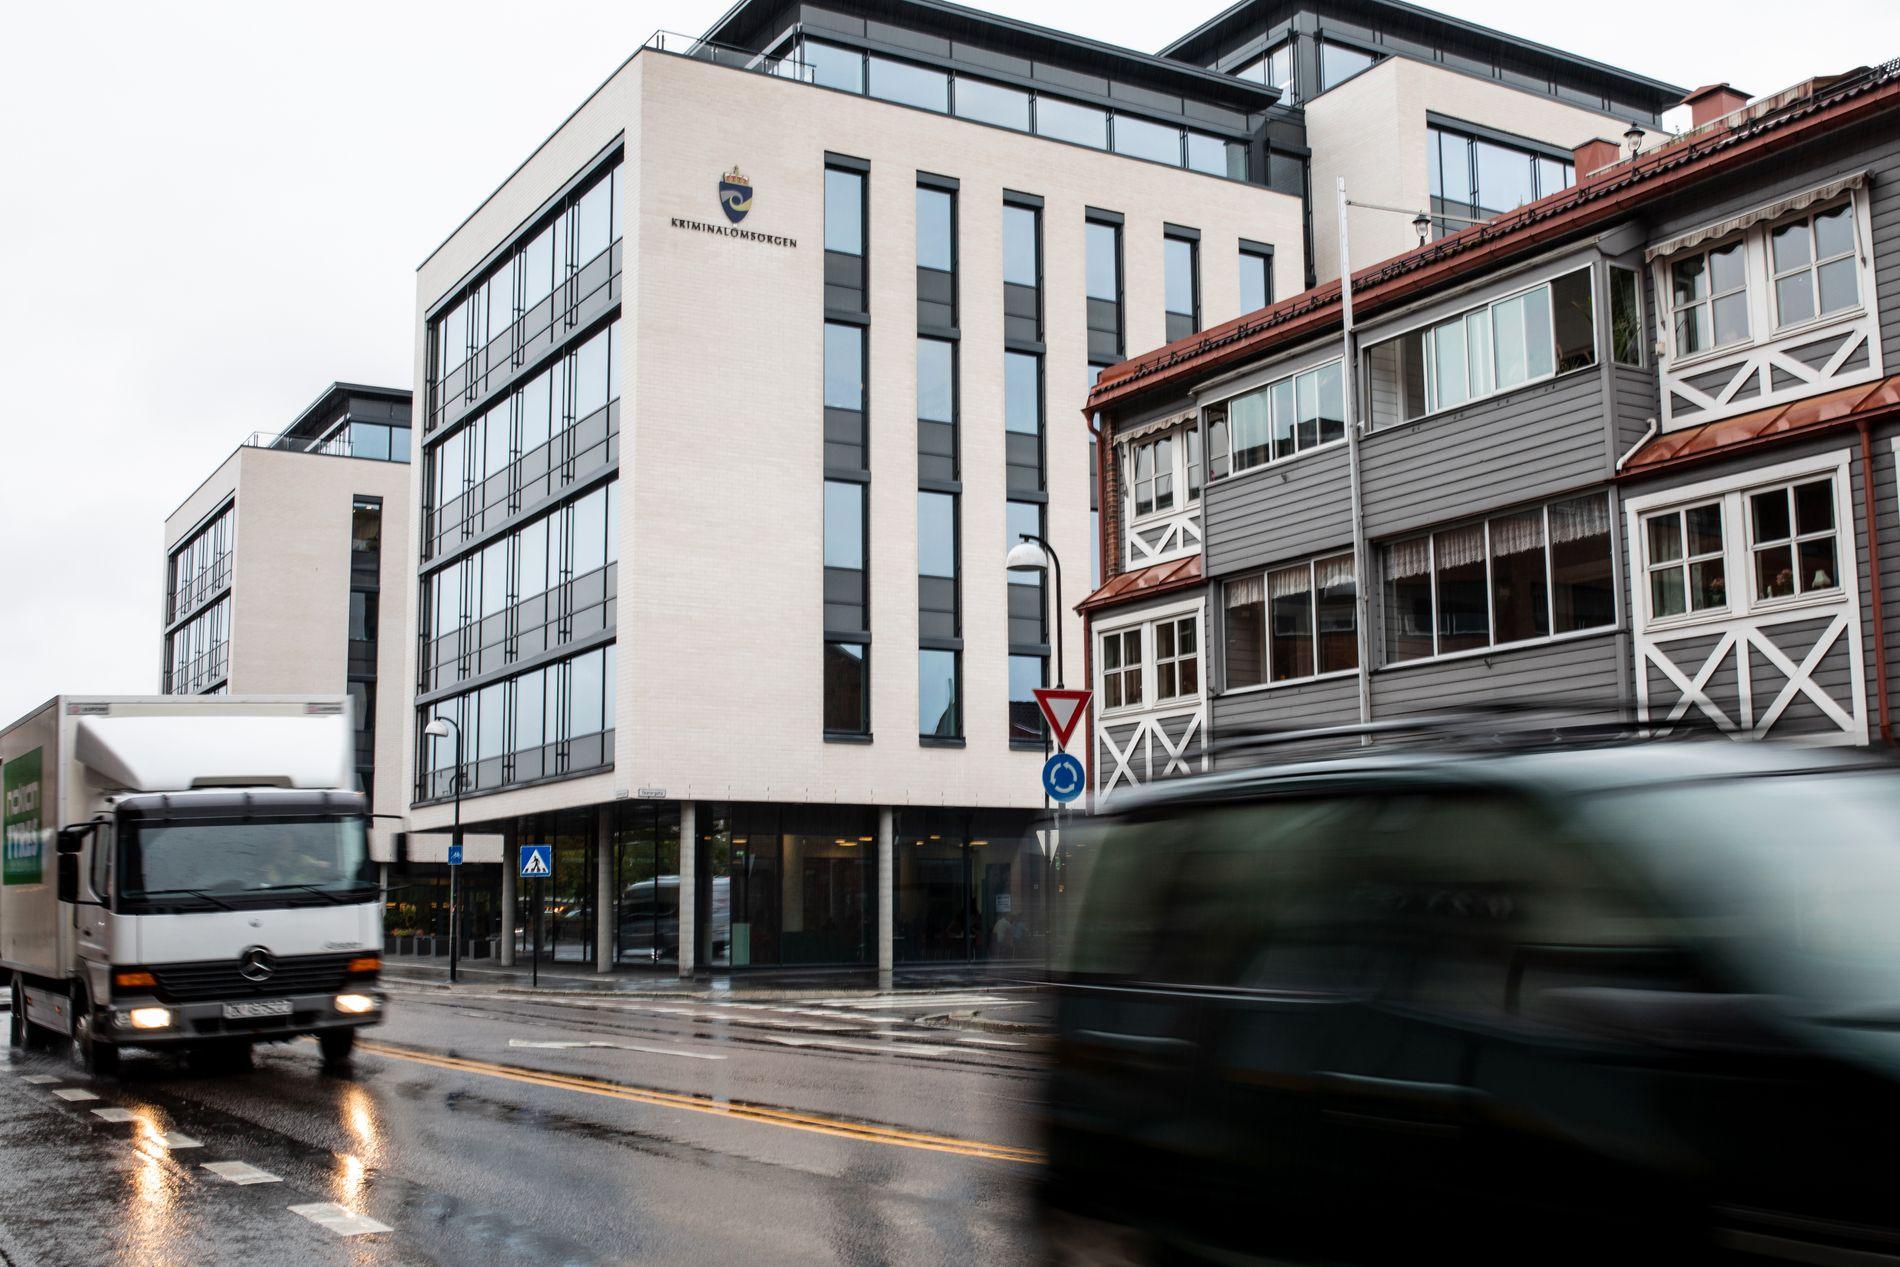 IVERKSATT GRANSKNING: Kriminalomsorgsdirektoratet (KDI) ba før sommeren om en landsdekkende granskning av om norske fengslers følger regler for den såkalte arbeidsdriften.